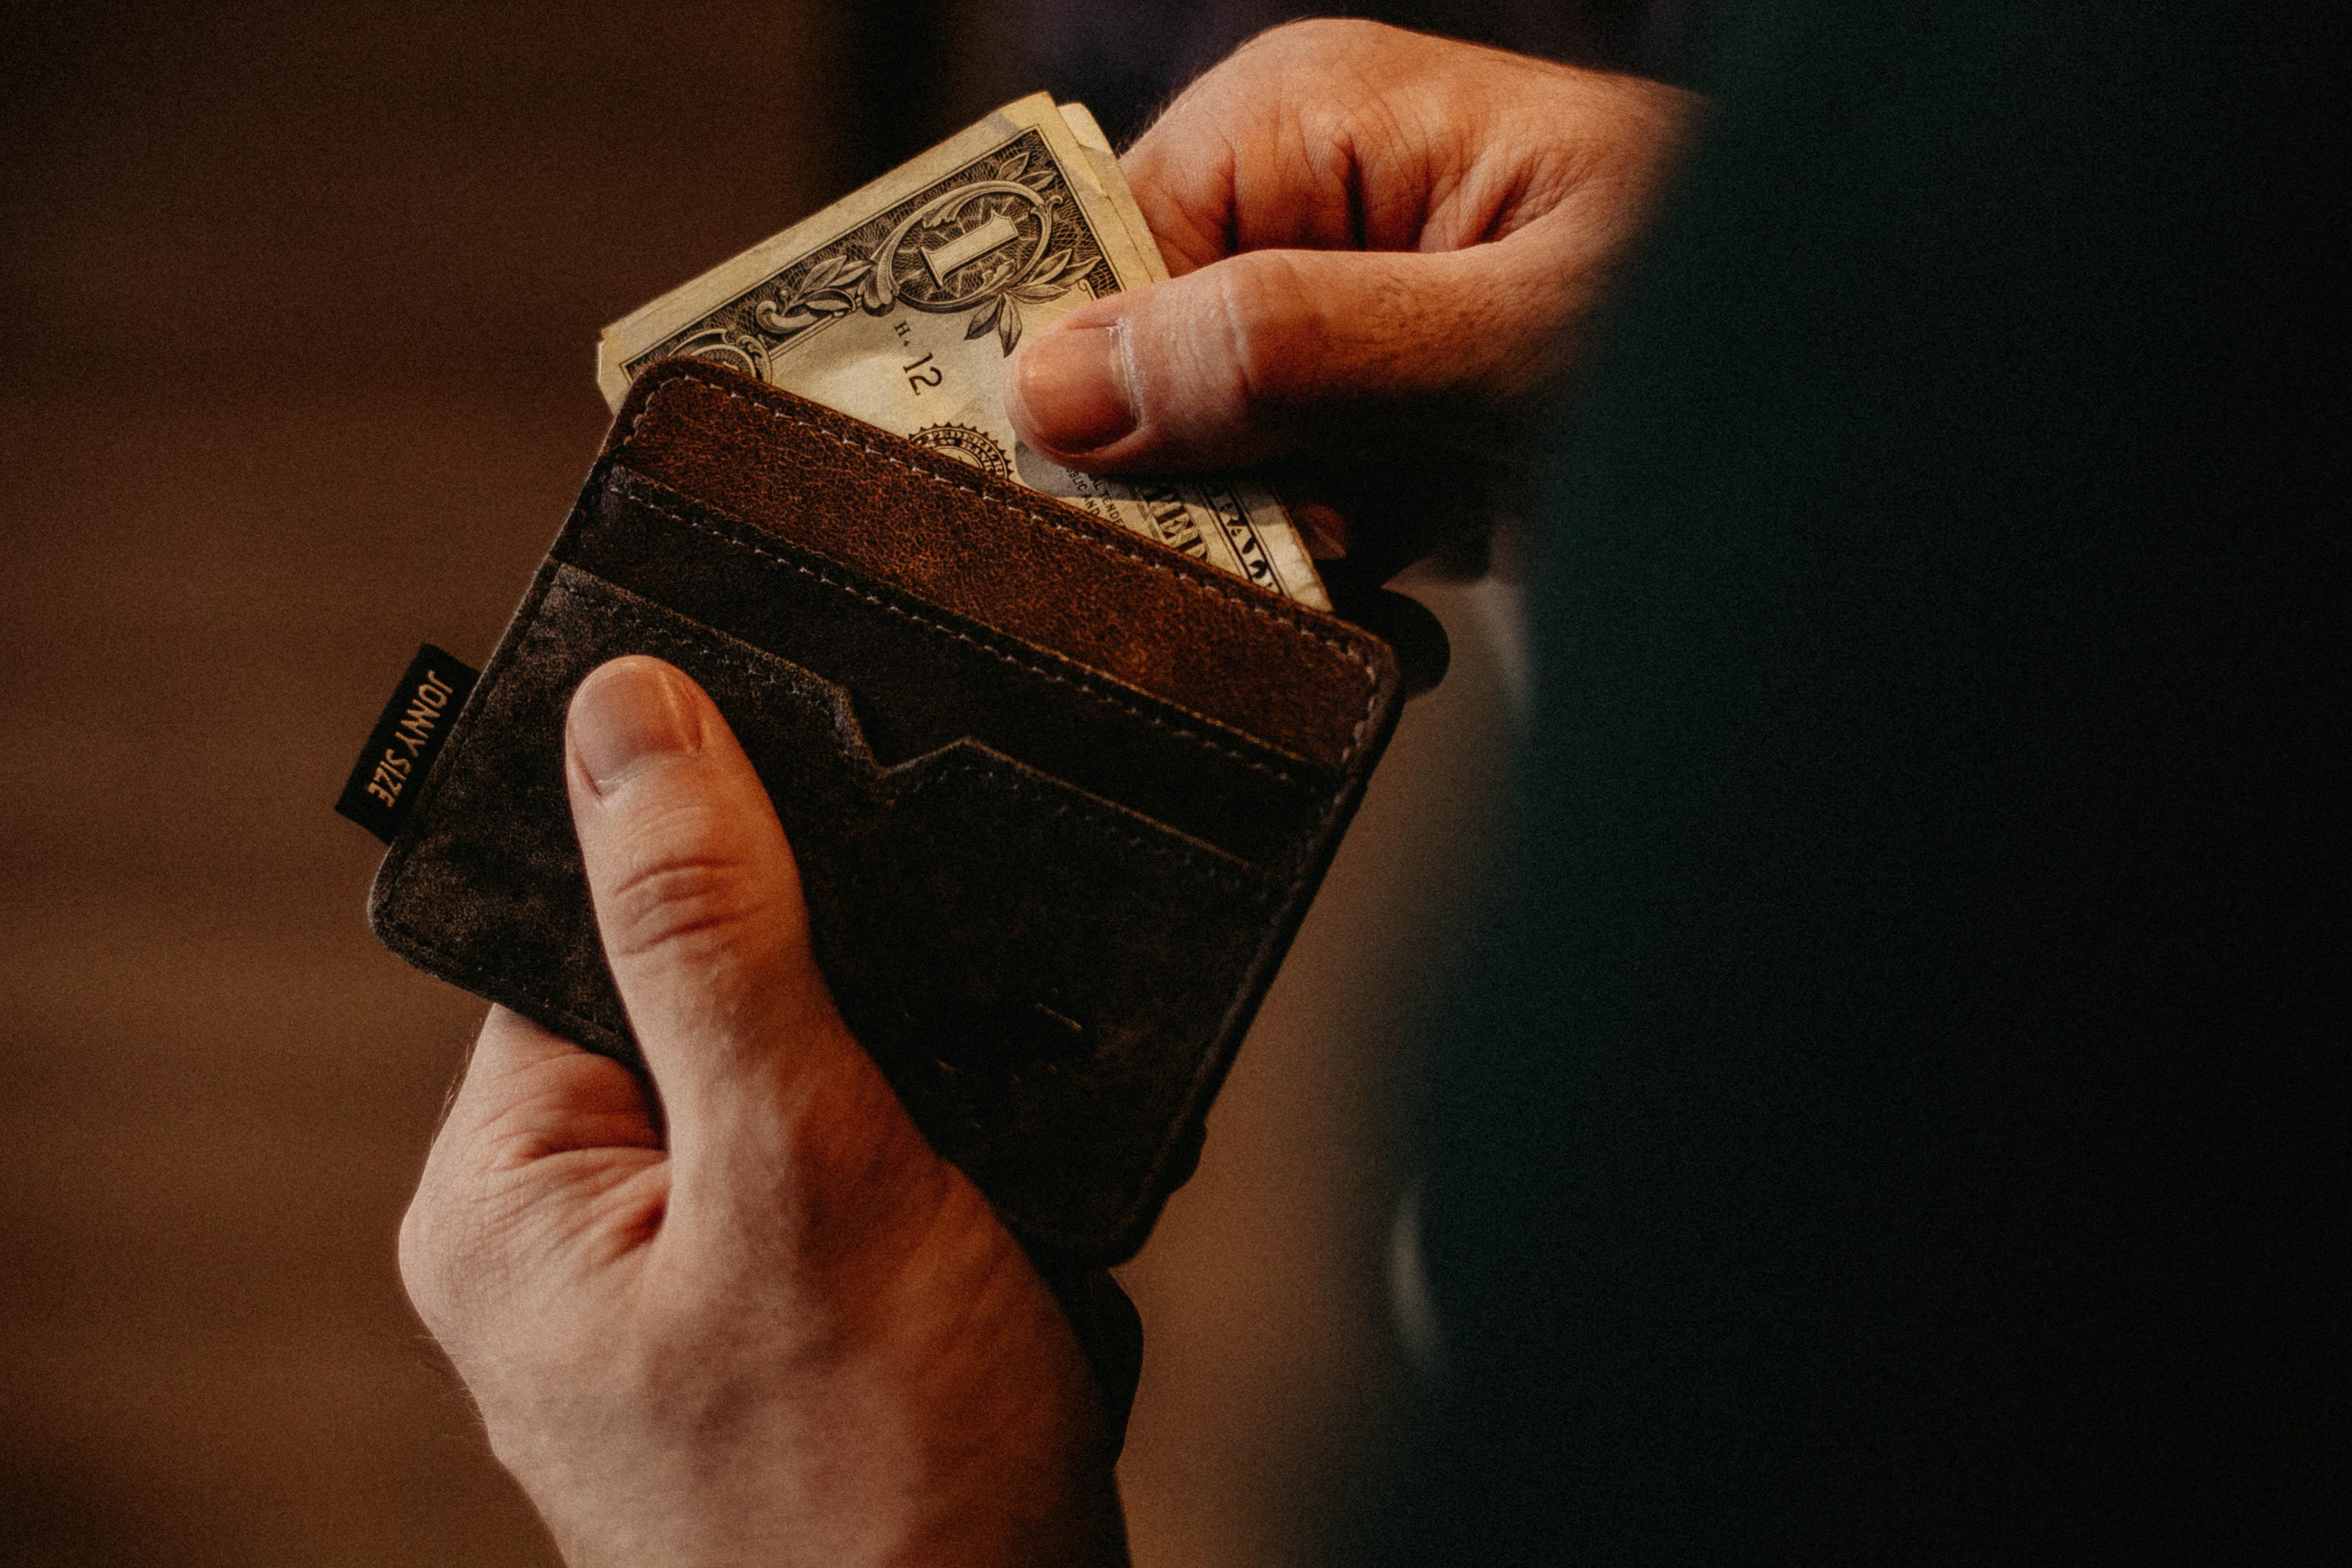 wallet-allef-vinicius-468838-unsplash